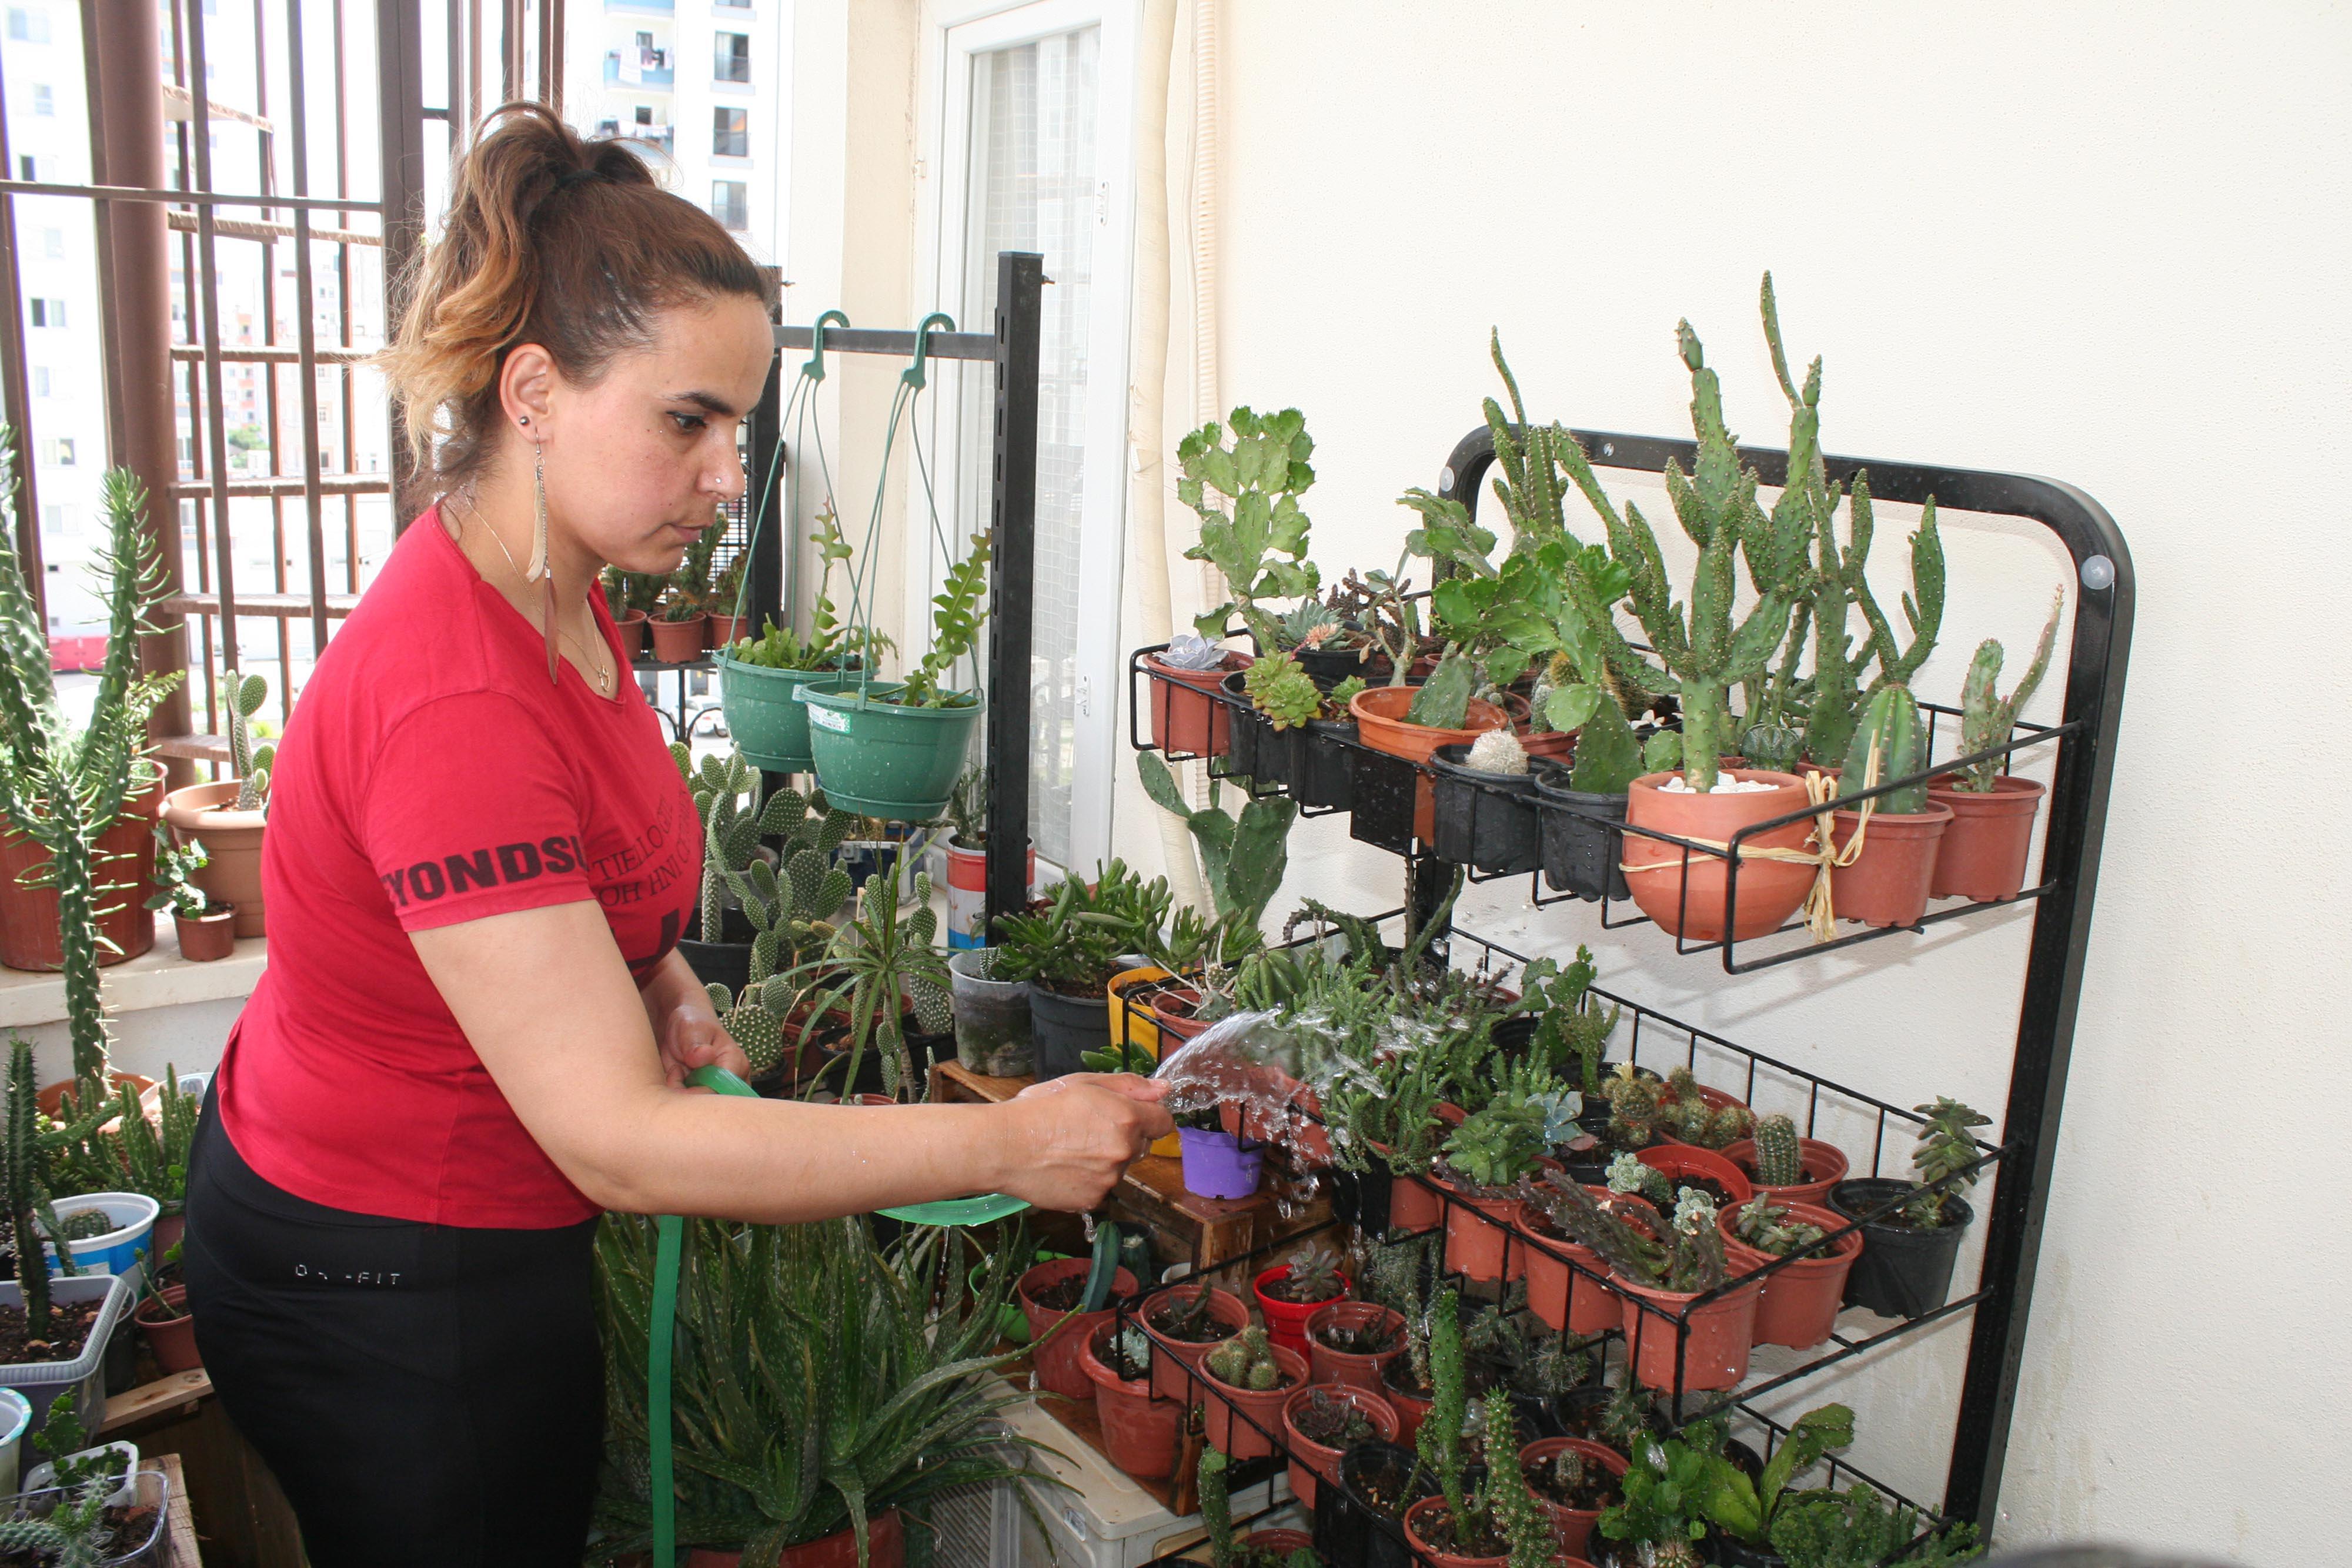 evinin-balkonunu-kaktus-bahcesine-cevirdi-3056-dhaphoto5.jpg